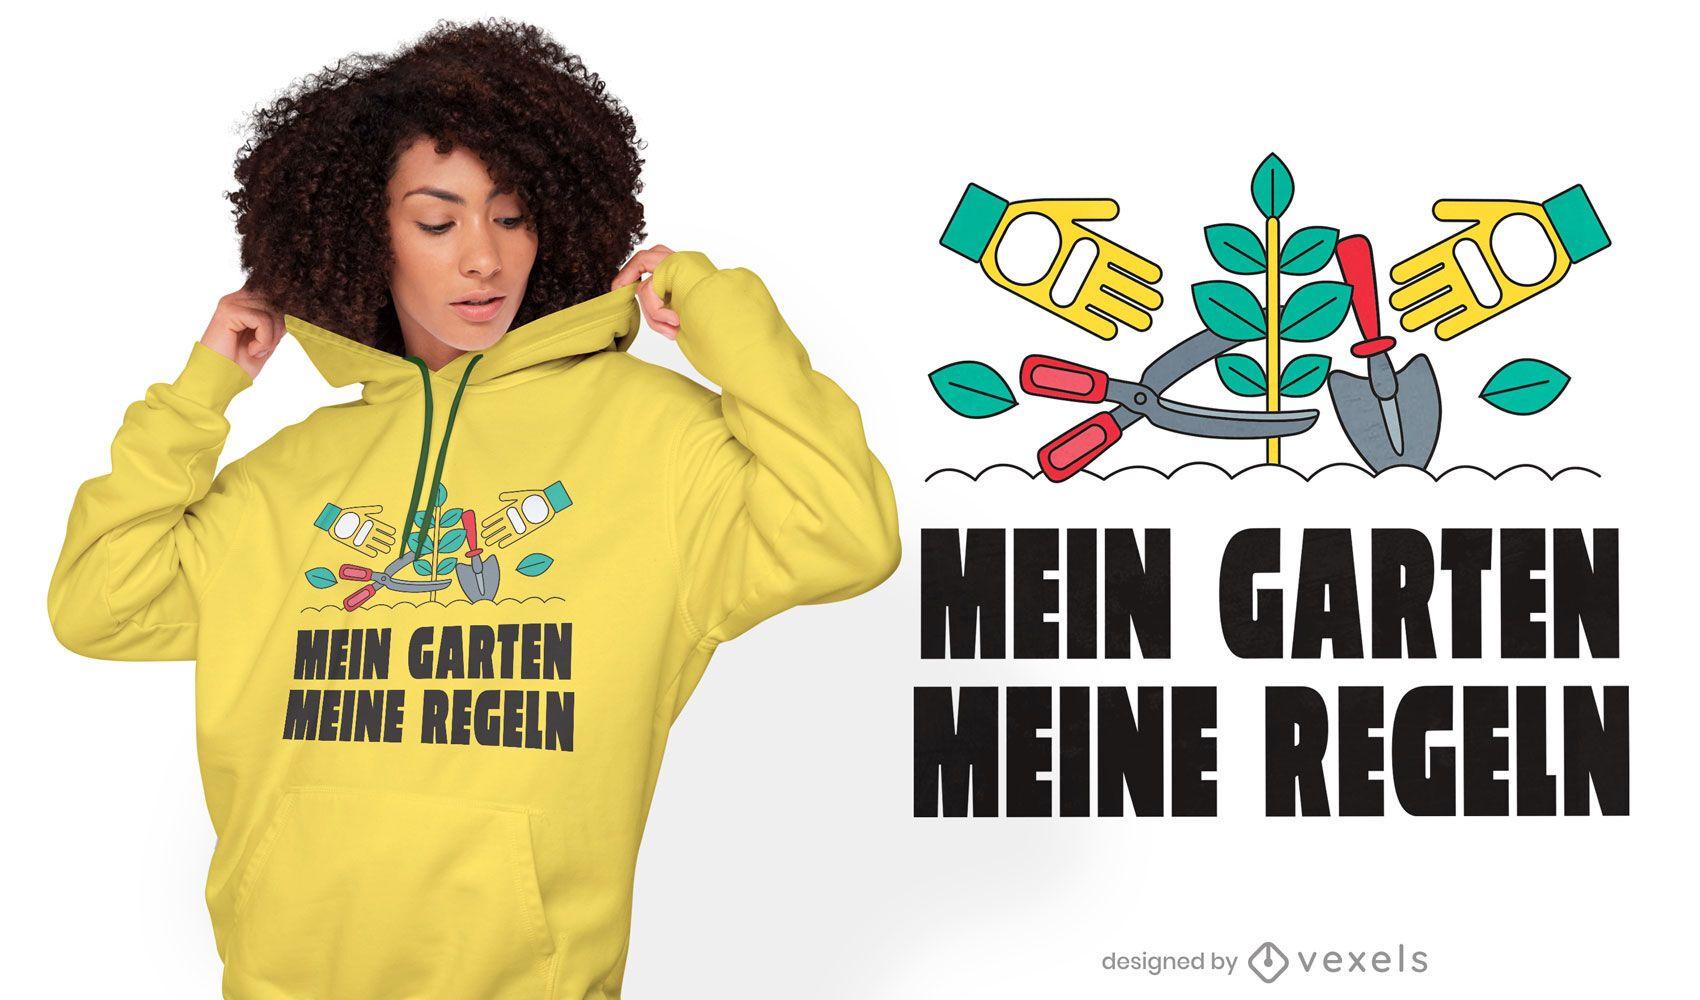 Gardening hobby german quote t-shirt design